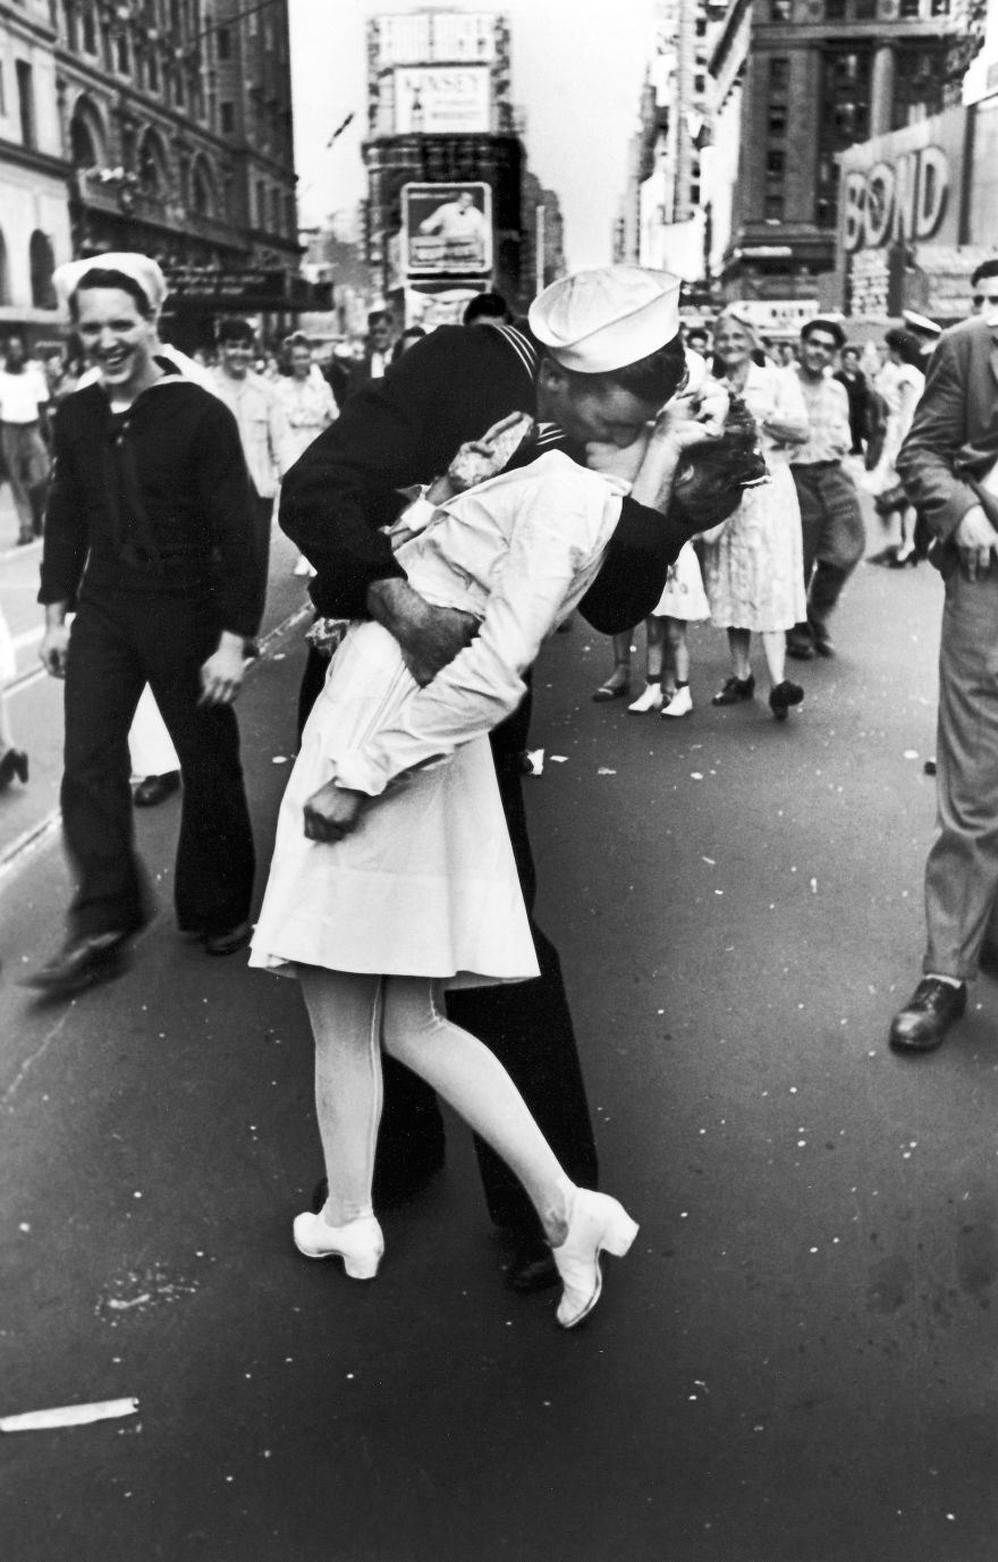 Marinero besando a enfermera en el Times Square, 14 de agosto de 1945